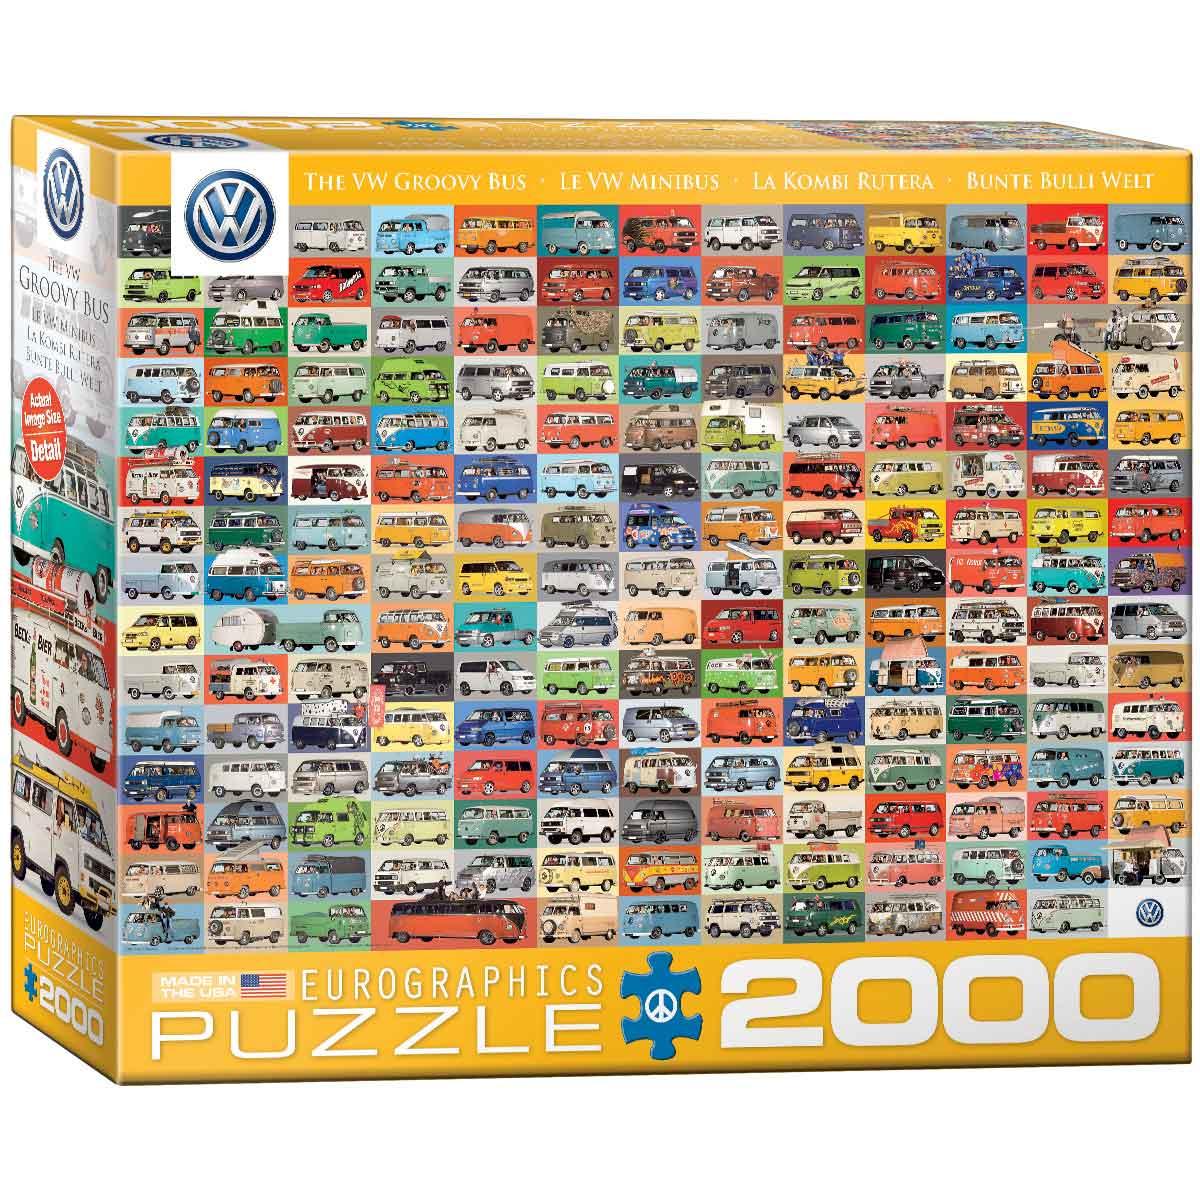 Puzzle Eurographics Volkswagen Kombi Rutera de 2000 Piezas